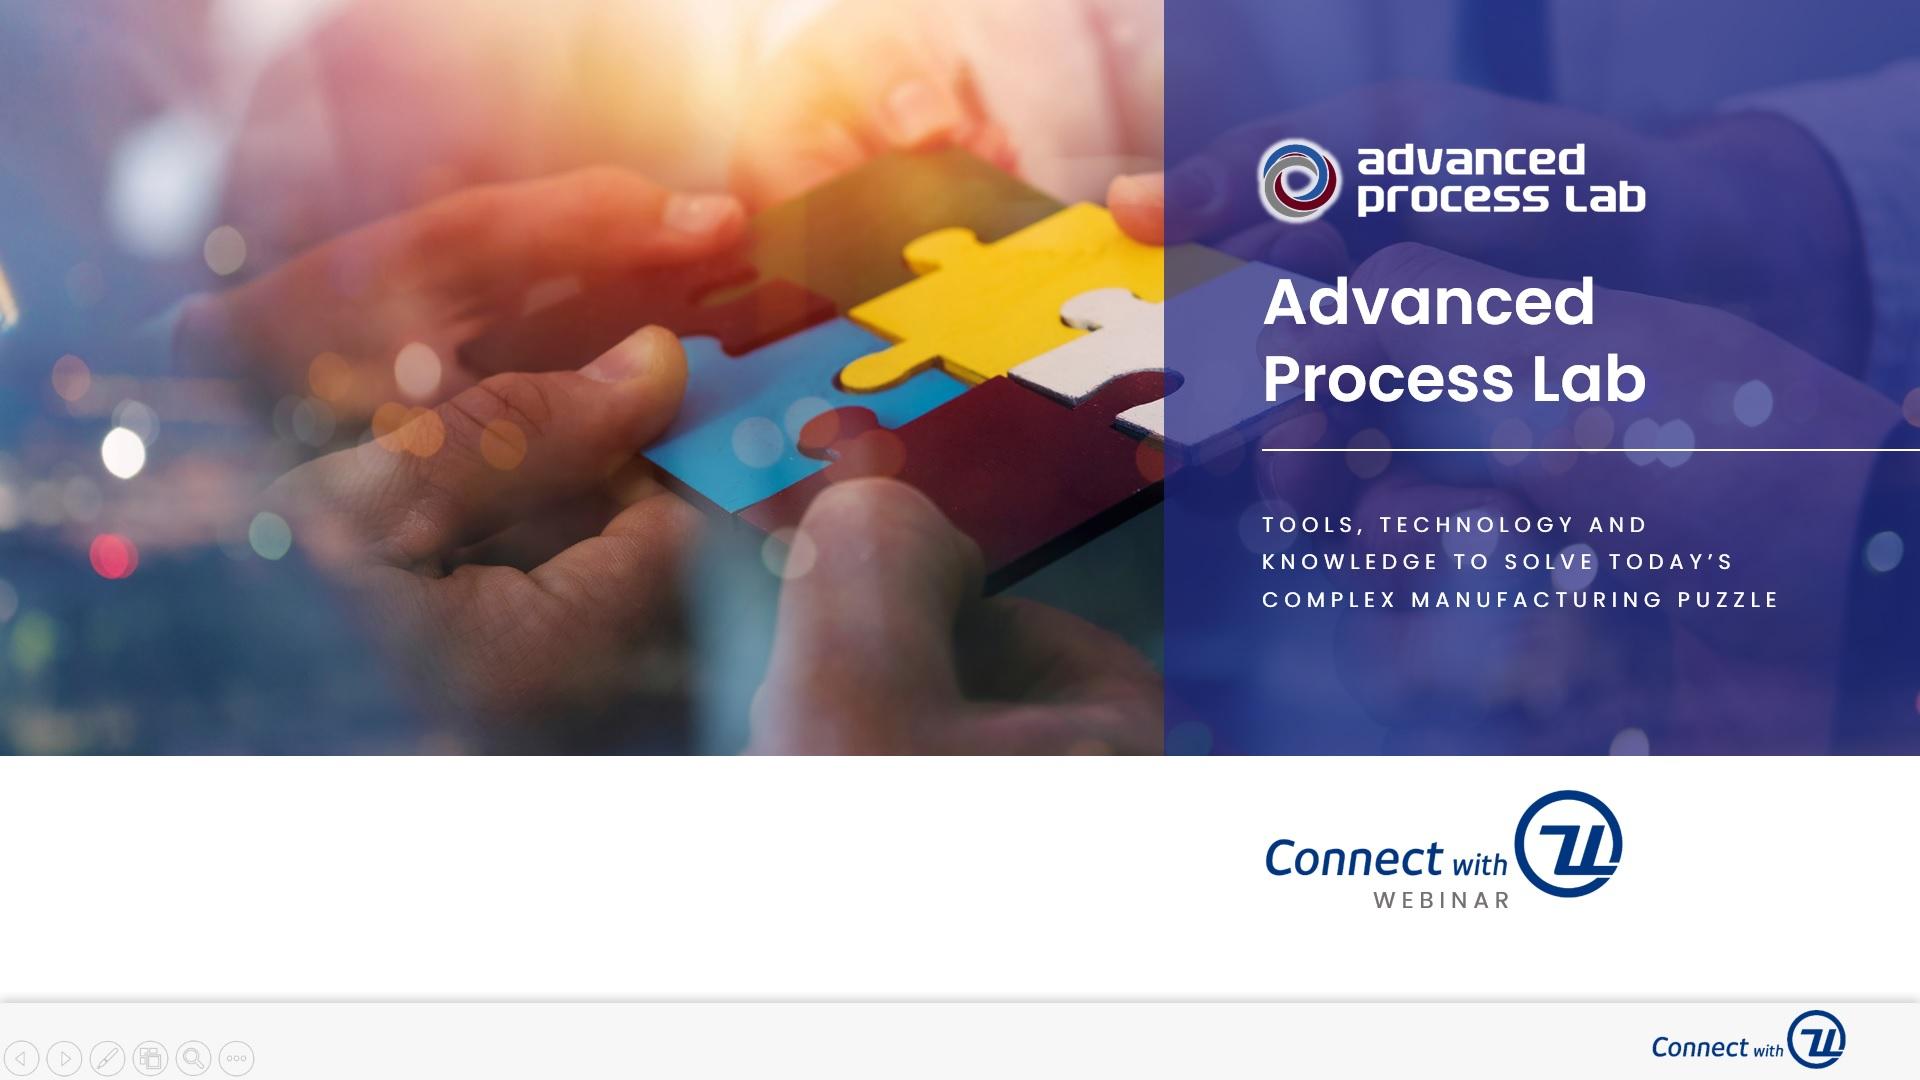 Advanced Process Lab Webinar